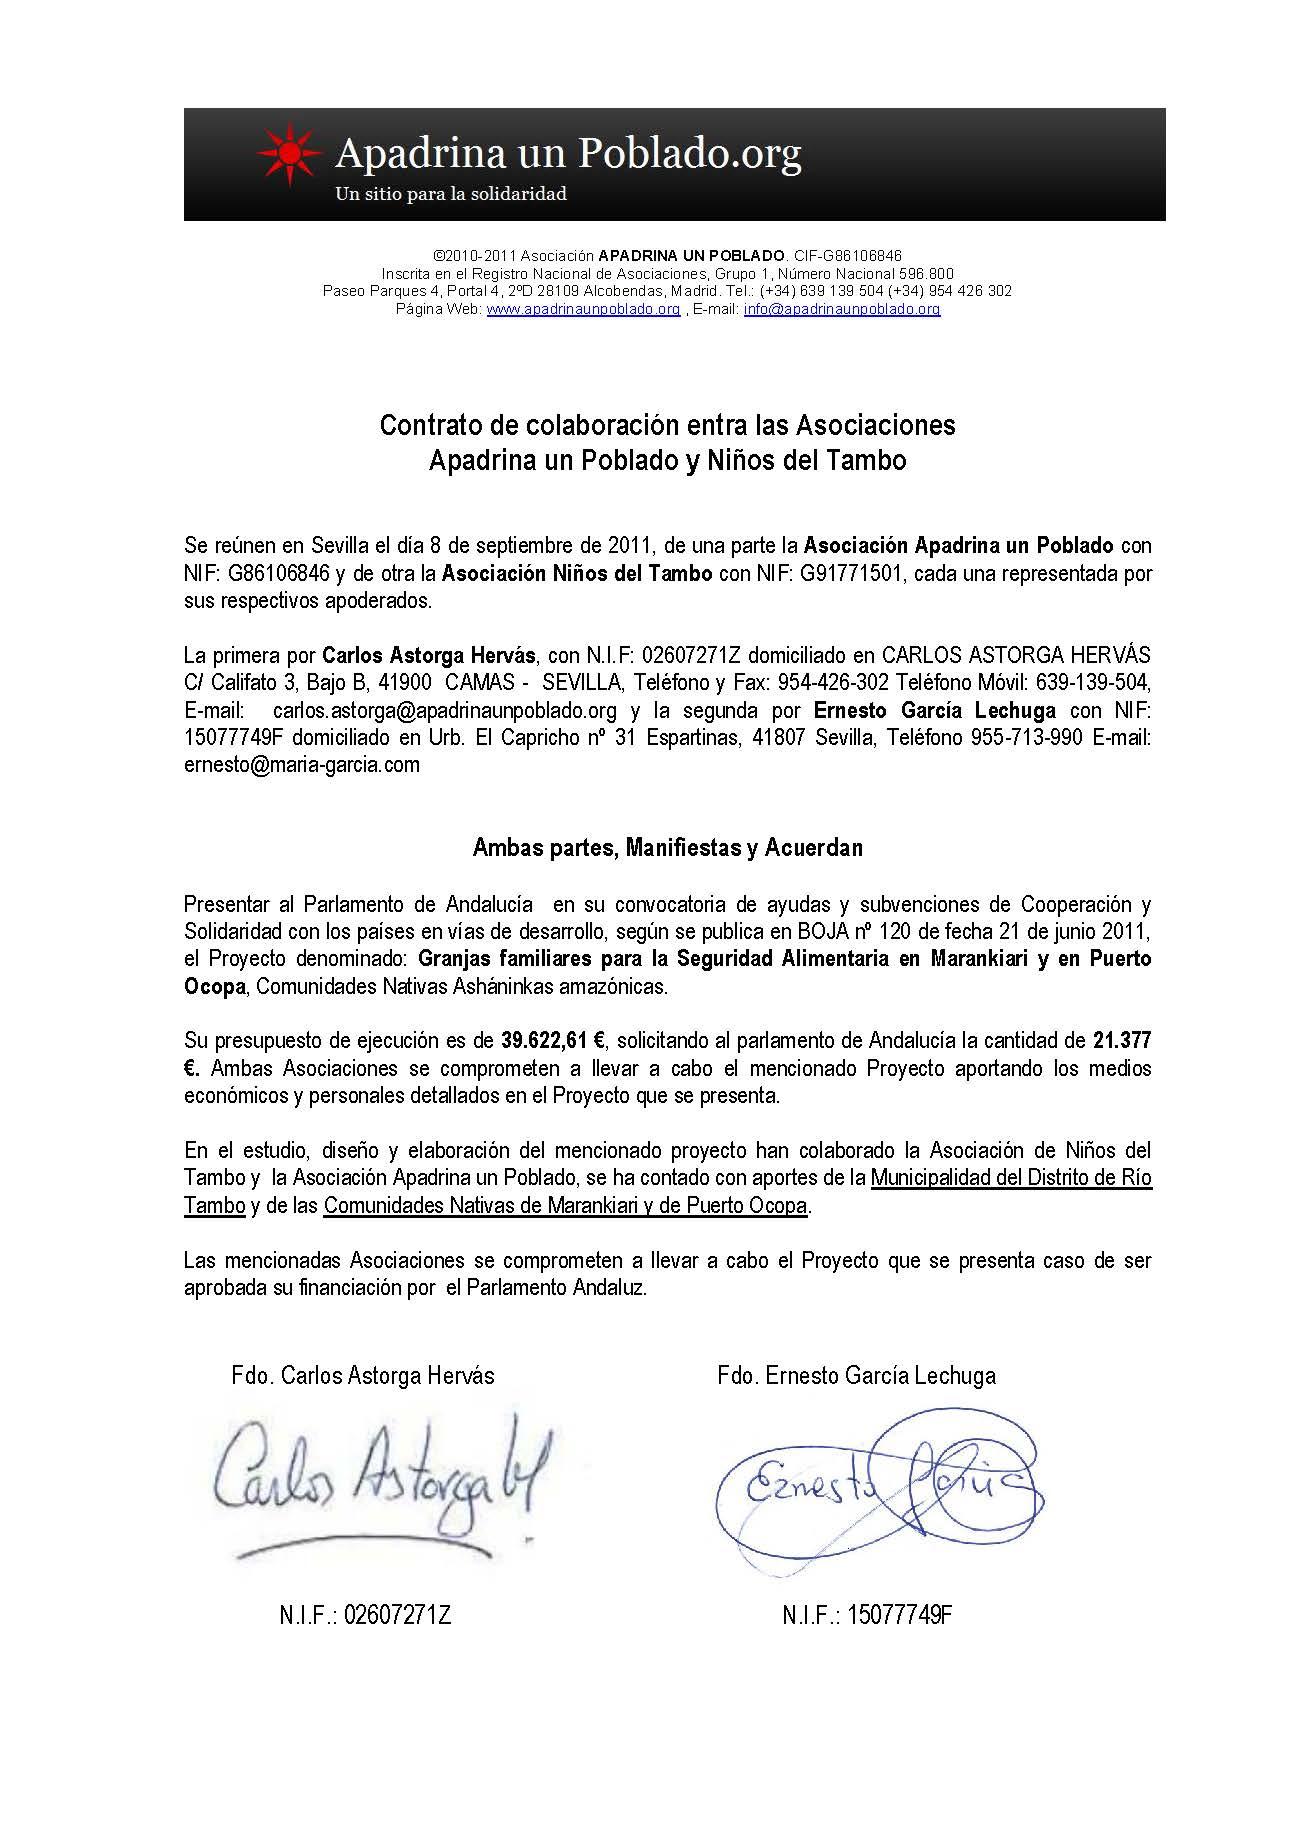 Convenio Asociaciones Niños del Tambo y Apadrina un Poblado